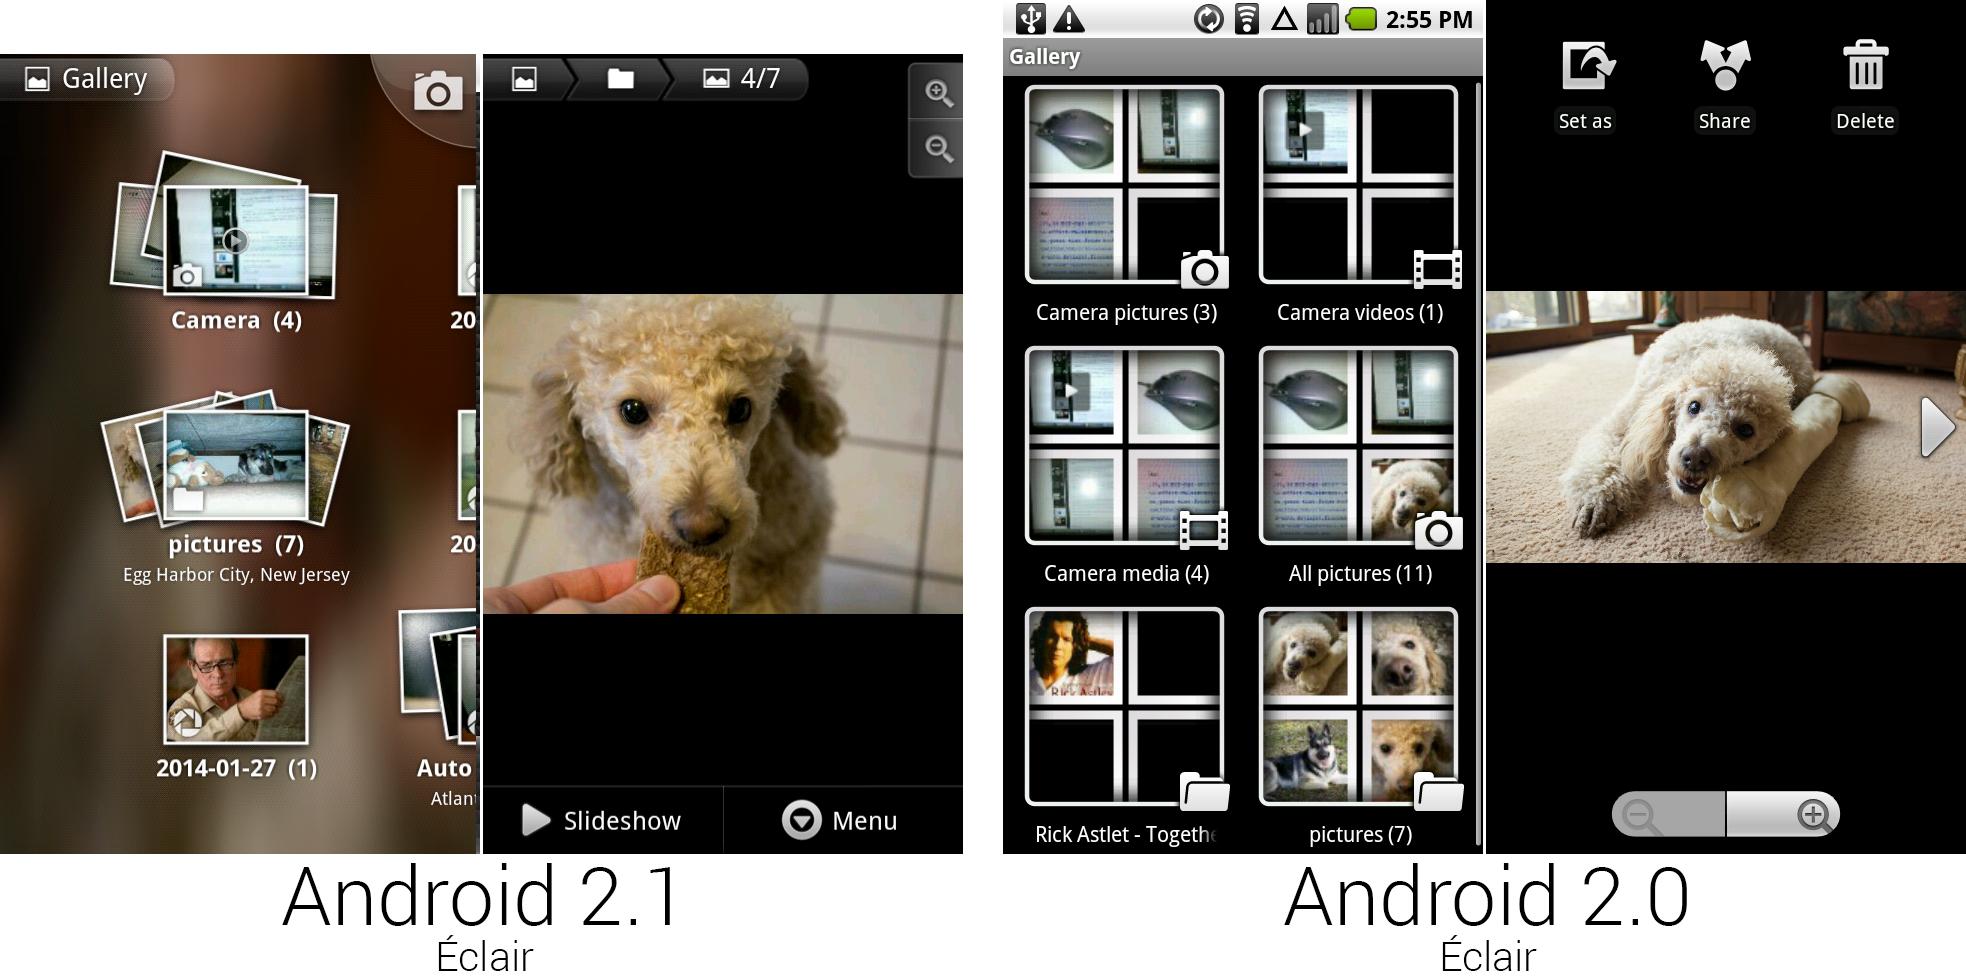 安卓2.1和2.0中的相册和单独图片查看界面。